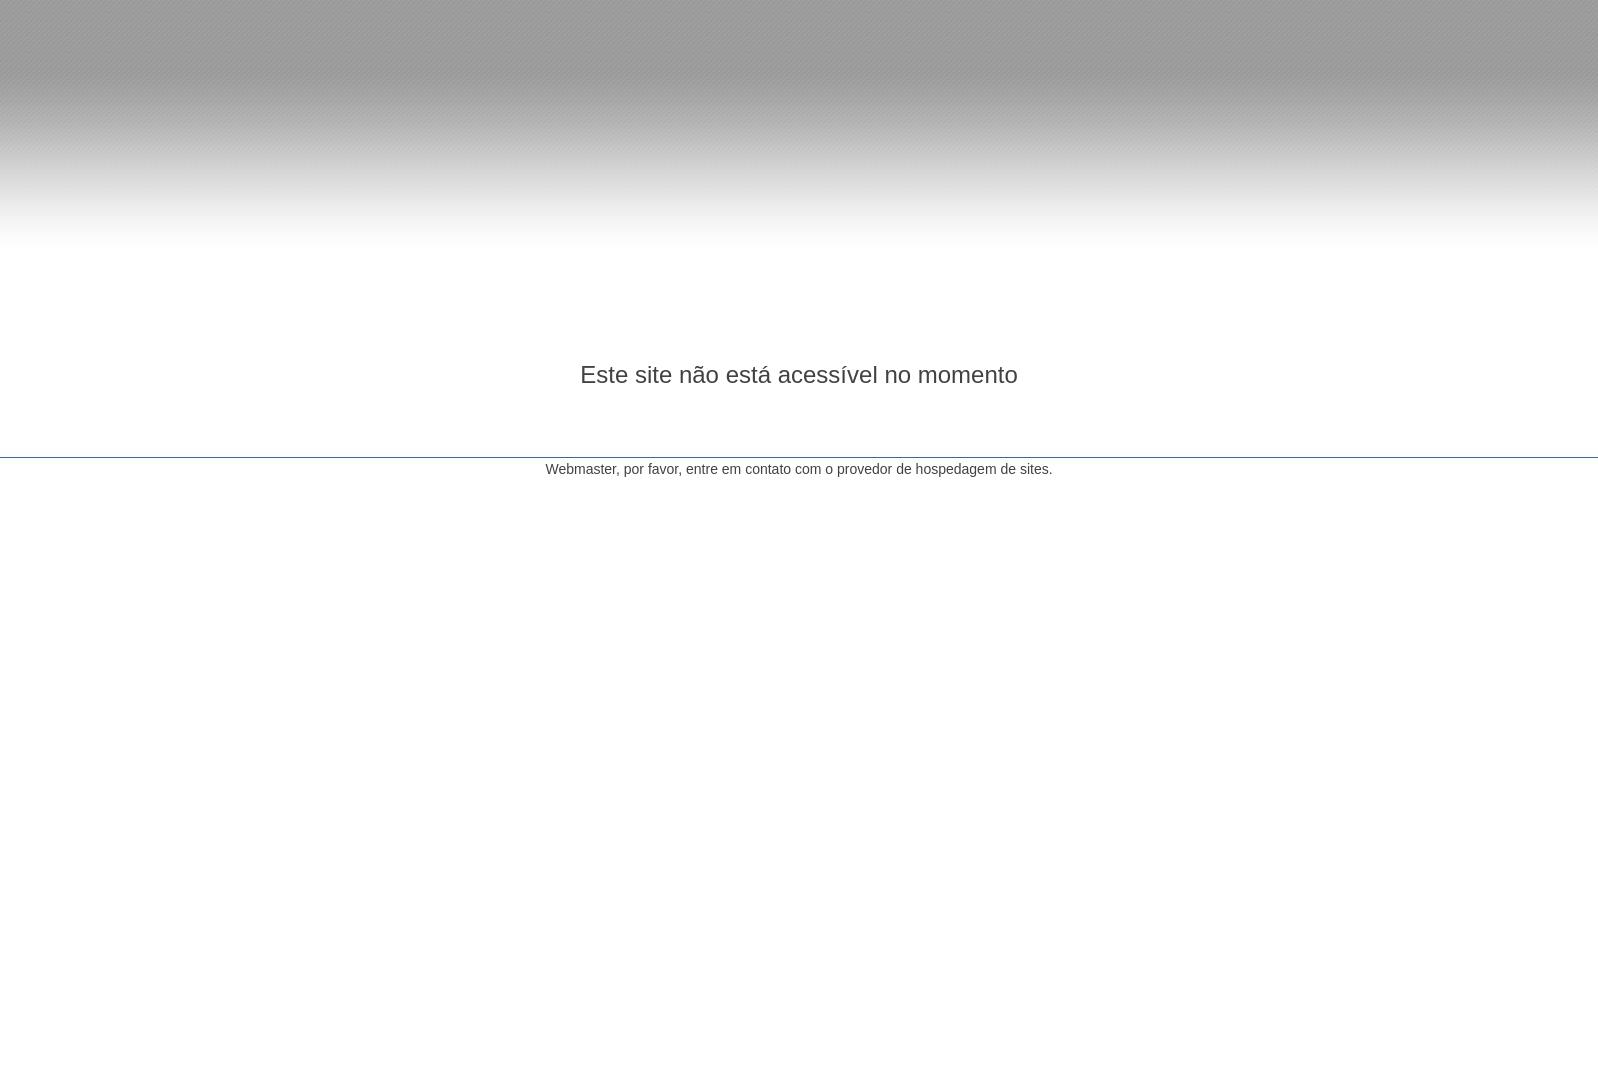 urlscan.io - www.serbelo.com.br